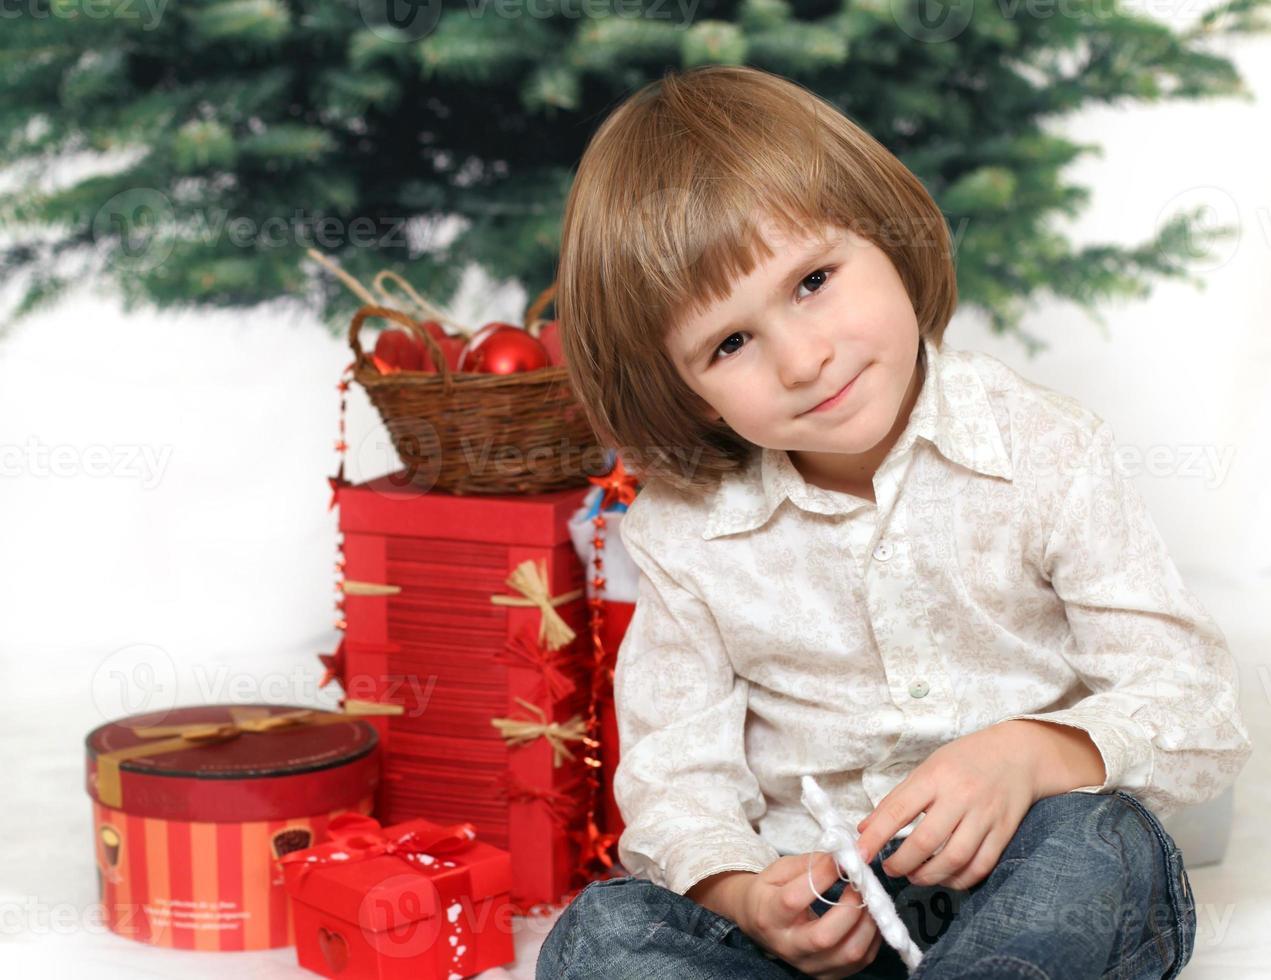 vriendelijker met geschenken onder de pelsboom foto